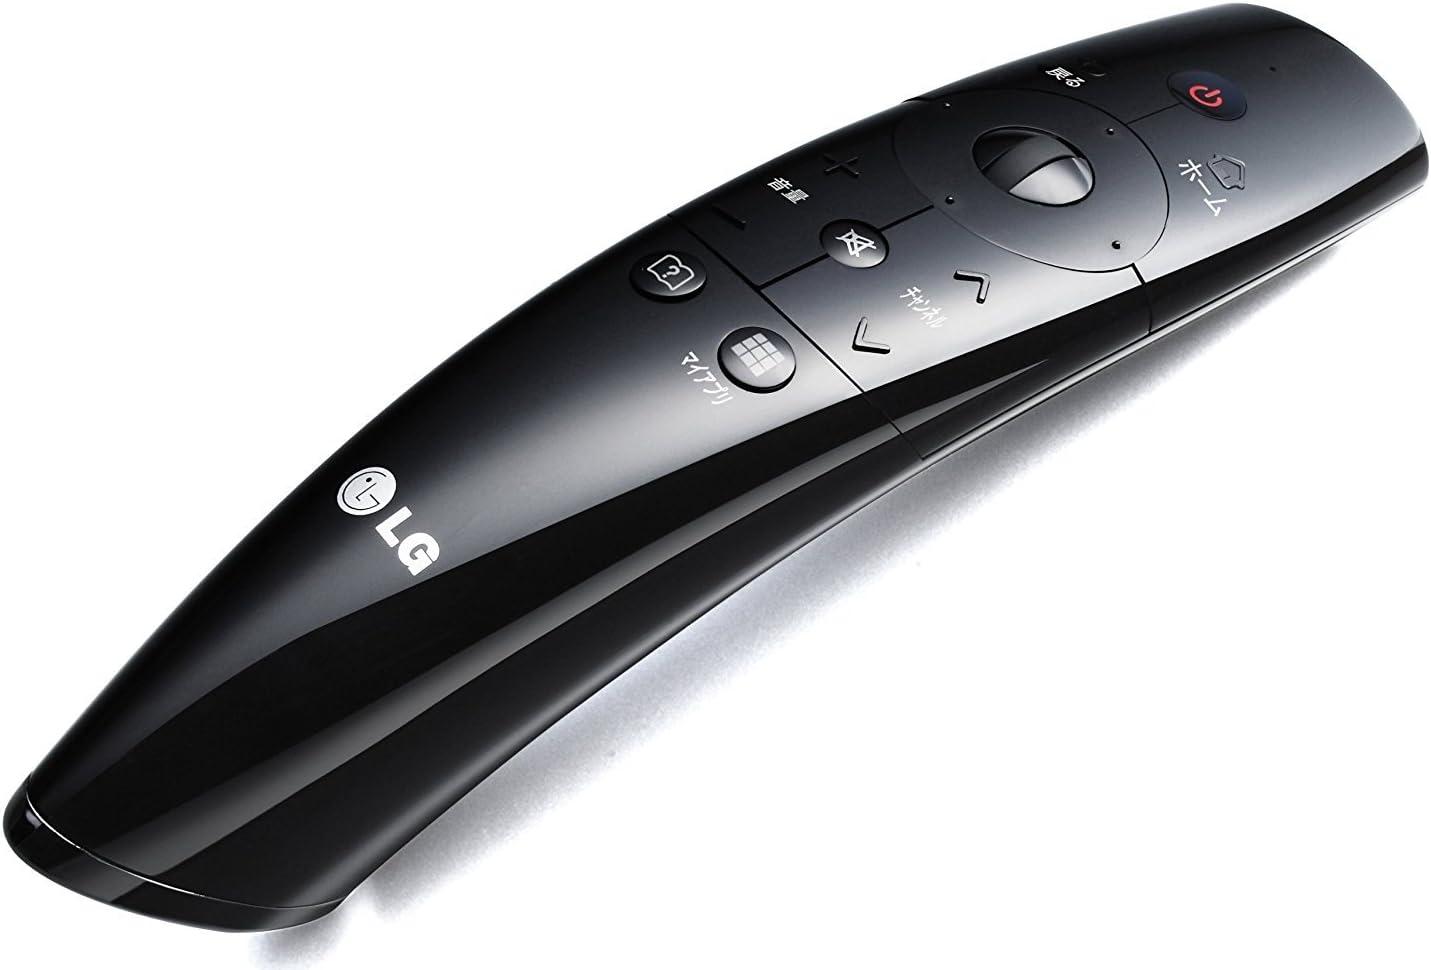 Mando a Distancia lg Magic Motion AN-MR300 versión Japonesa (an-mr3004, akb73656001) con navegador Rueda para 2012 LG Smart TV: Amazon.es: Electrónica